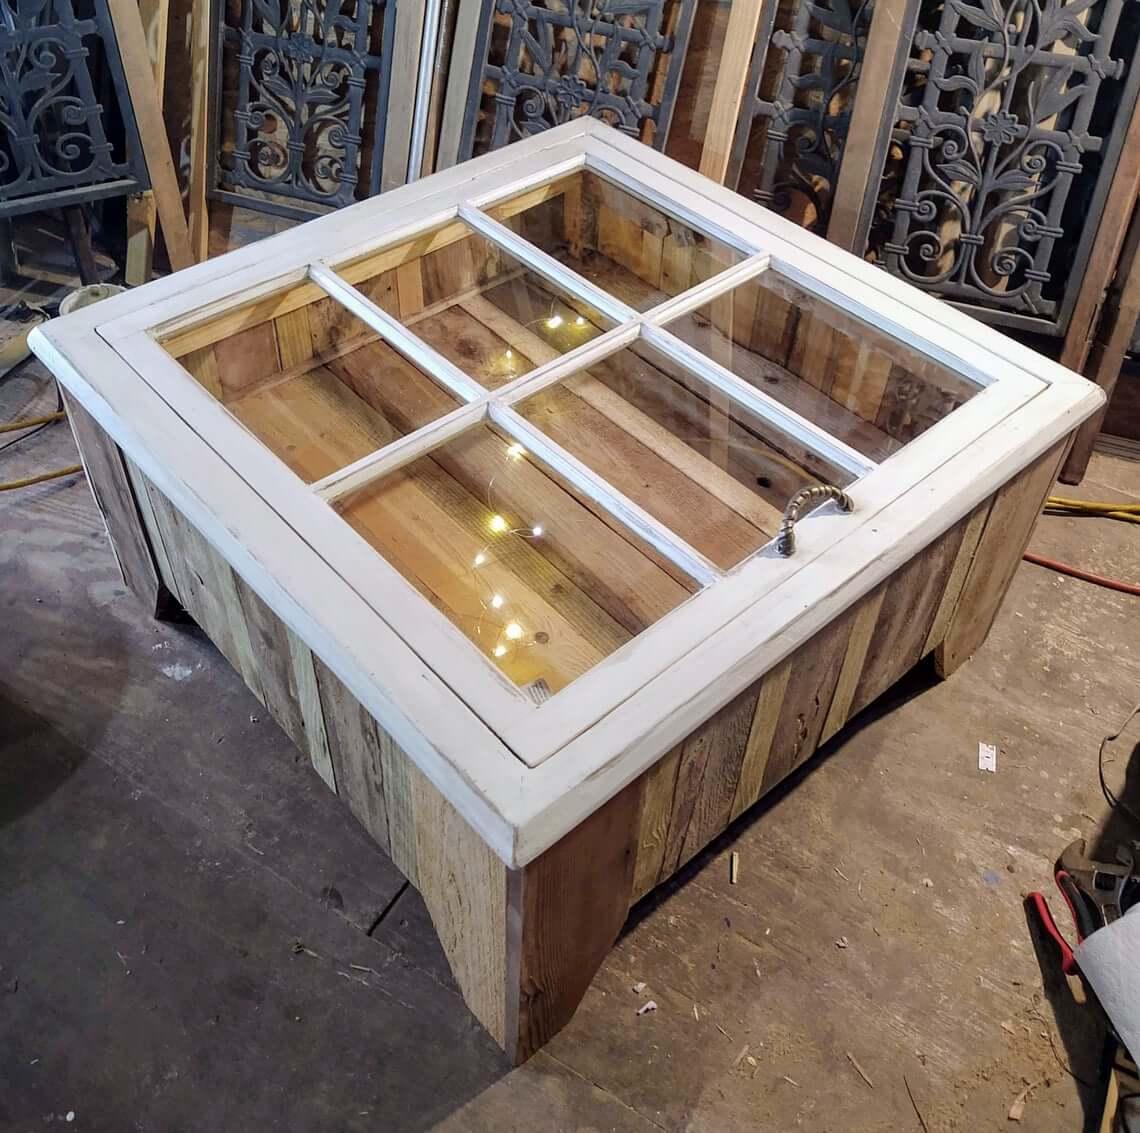 Reclaimed Wood Rustic Display Table